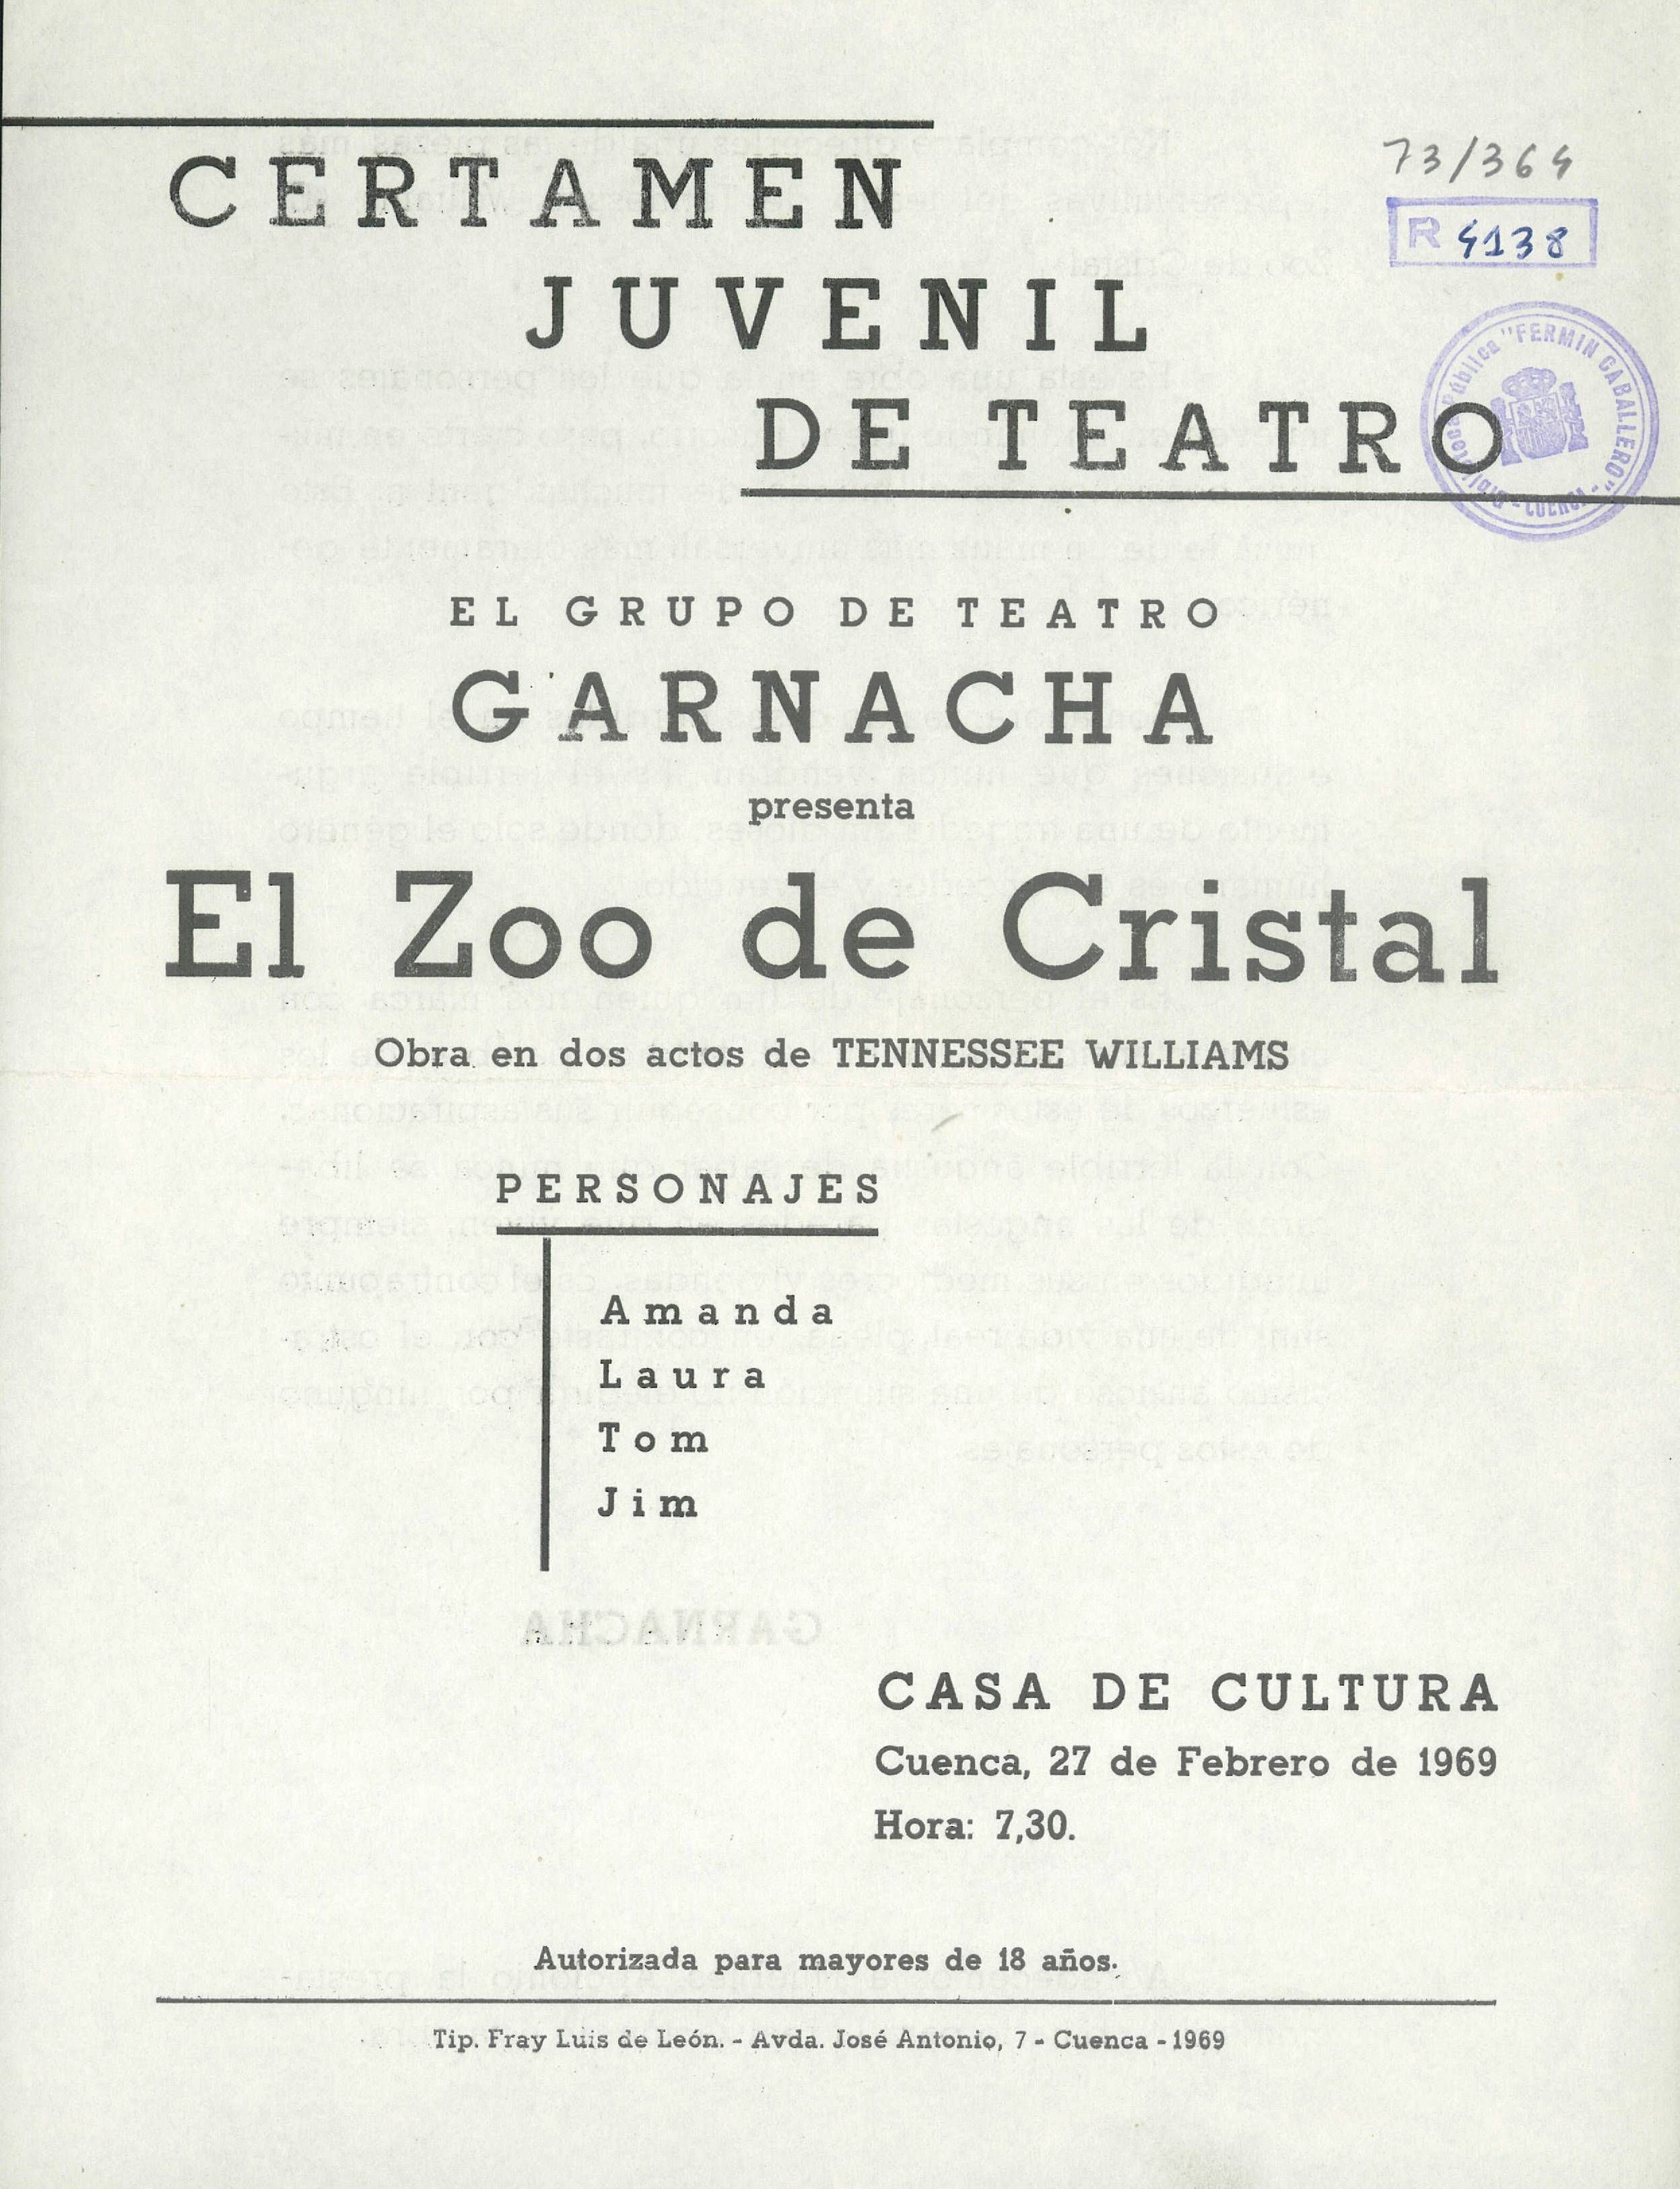 """""""El zoo de cristal"""" de Tennessee Williams por el Grupo de Teatro Garnacha en la Casa de Cultura Cuenca Febrero 1969 #Cuenca #Teatro #CasaCulturaCuenca #GrupoTeatroGarnacha"""